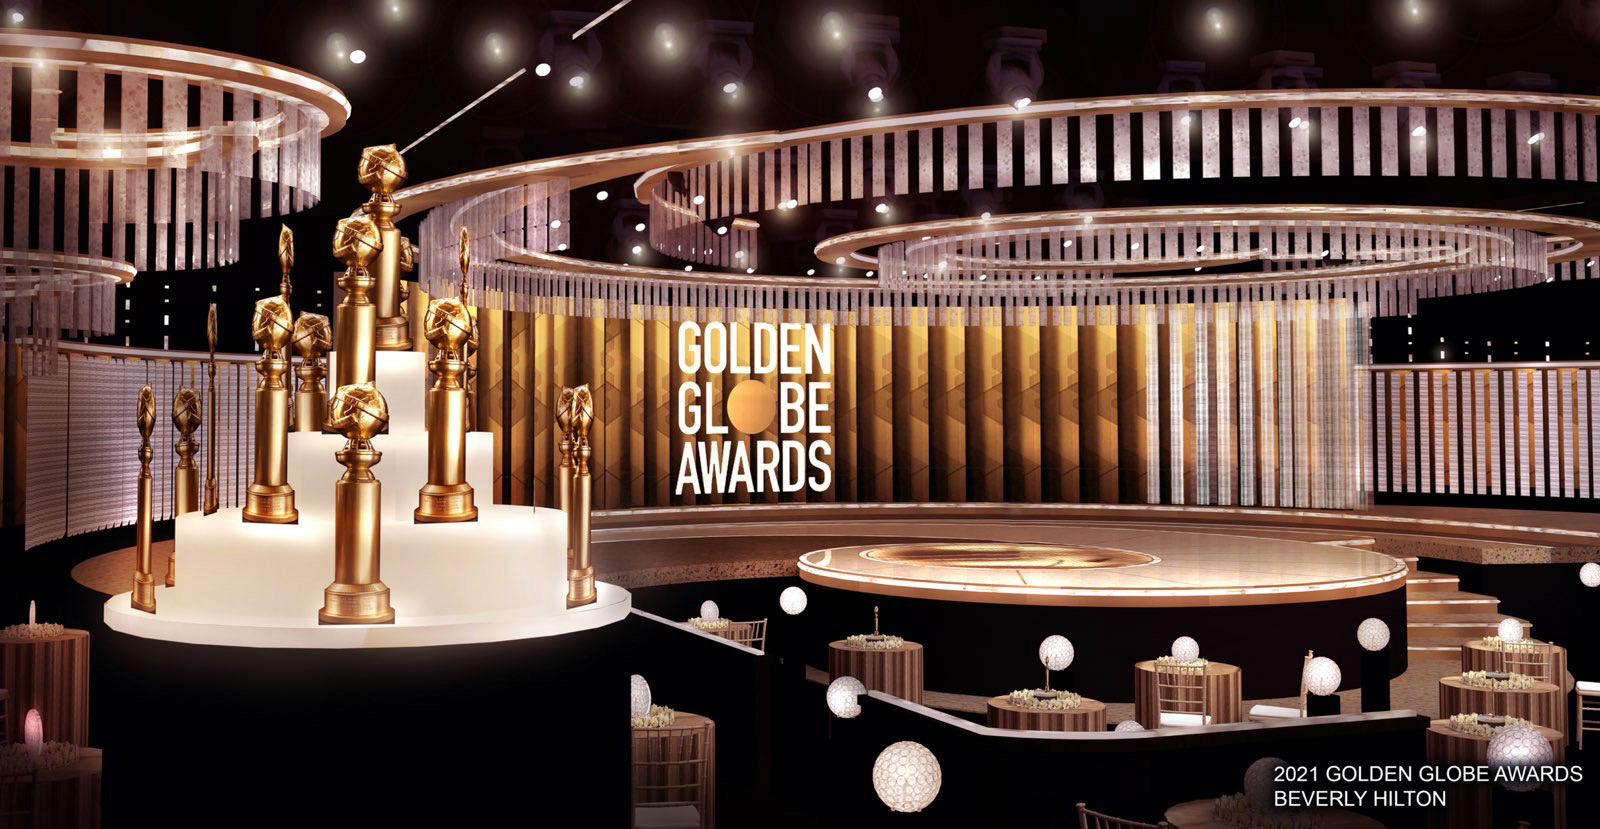 Hoy no te pierdas la premiación de los Golden Globes 2021